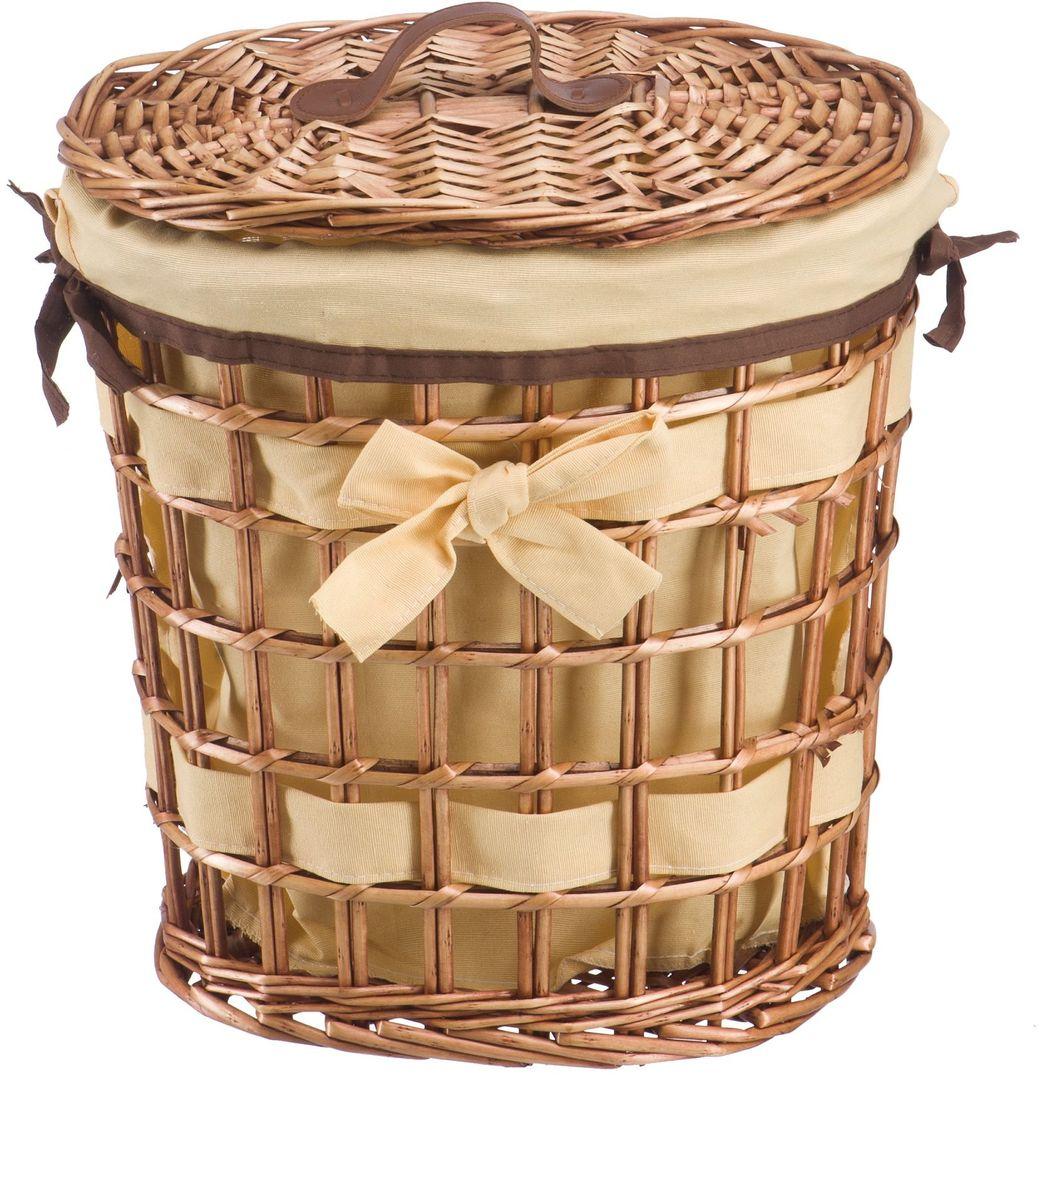 Корзина для белья Natural House Бантик, цвет: коричневый, 32 х 21 х 36 см391602Бельевая корзина из лозы ивы не только удобна, практична, но и прекрасно выглядит. Овальная форма с оригинальным декором в виде банта украсит любое пространство. Высокое качество и натуральные материалы гармонично сочетаются и создают в доме уют и теплое настроение. В комплекте с корзиной идет съемный чехол, который легко снимается и стирается.